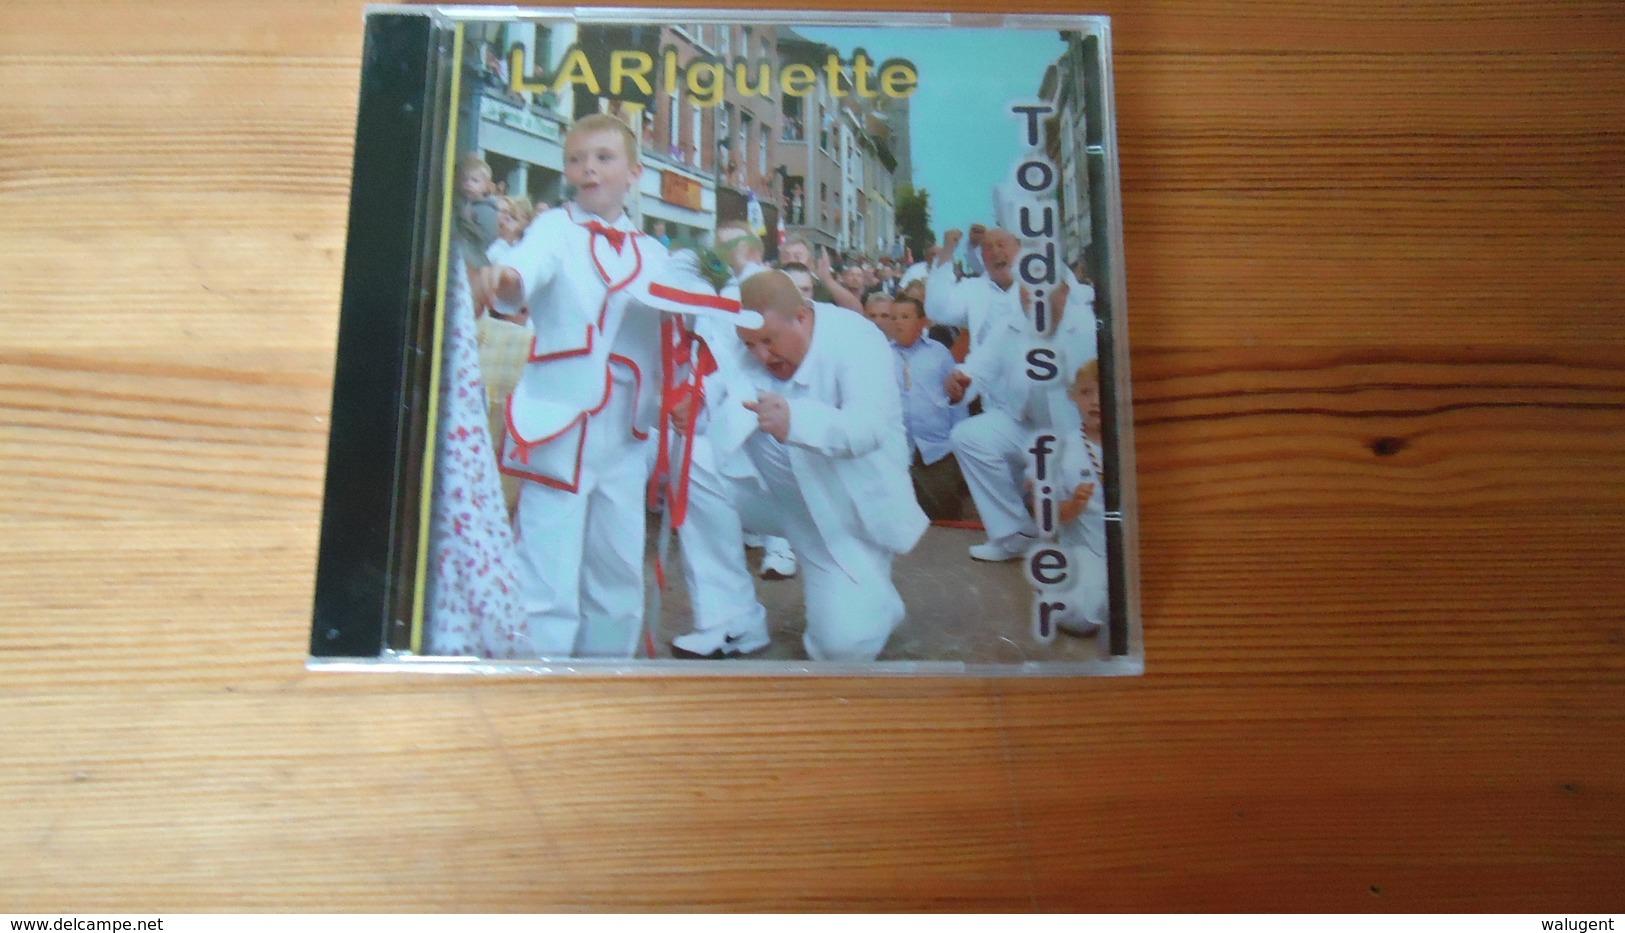 Ath - Lariguette - Toudis Fier - Musique & Instruments